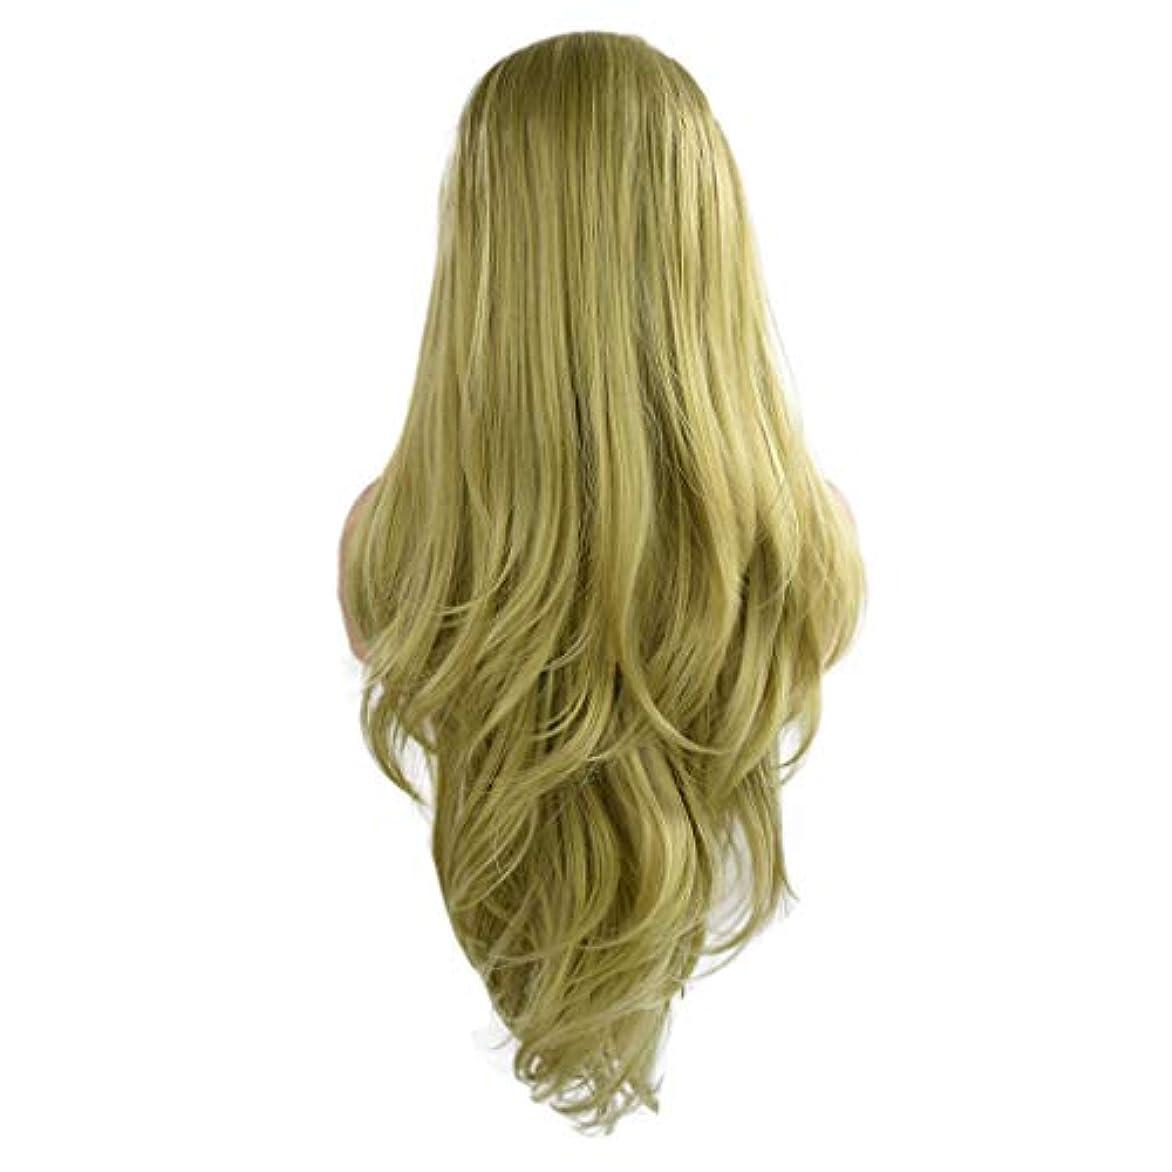 ほのか邪悪なデッキ女性の緑の長い巻き毛のフロントレースかつらファッションポップかつら24インチかつら